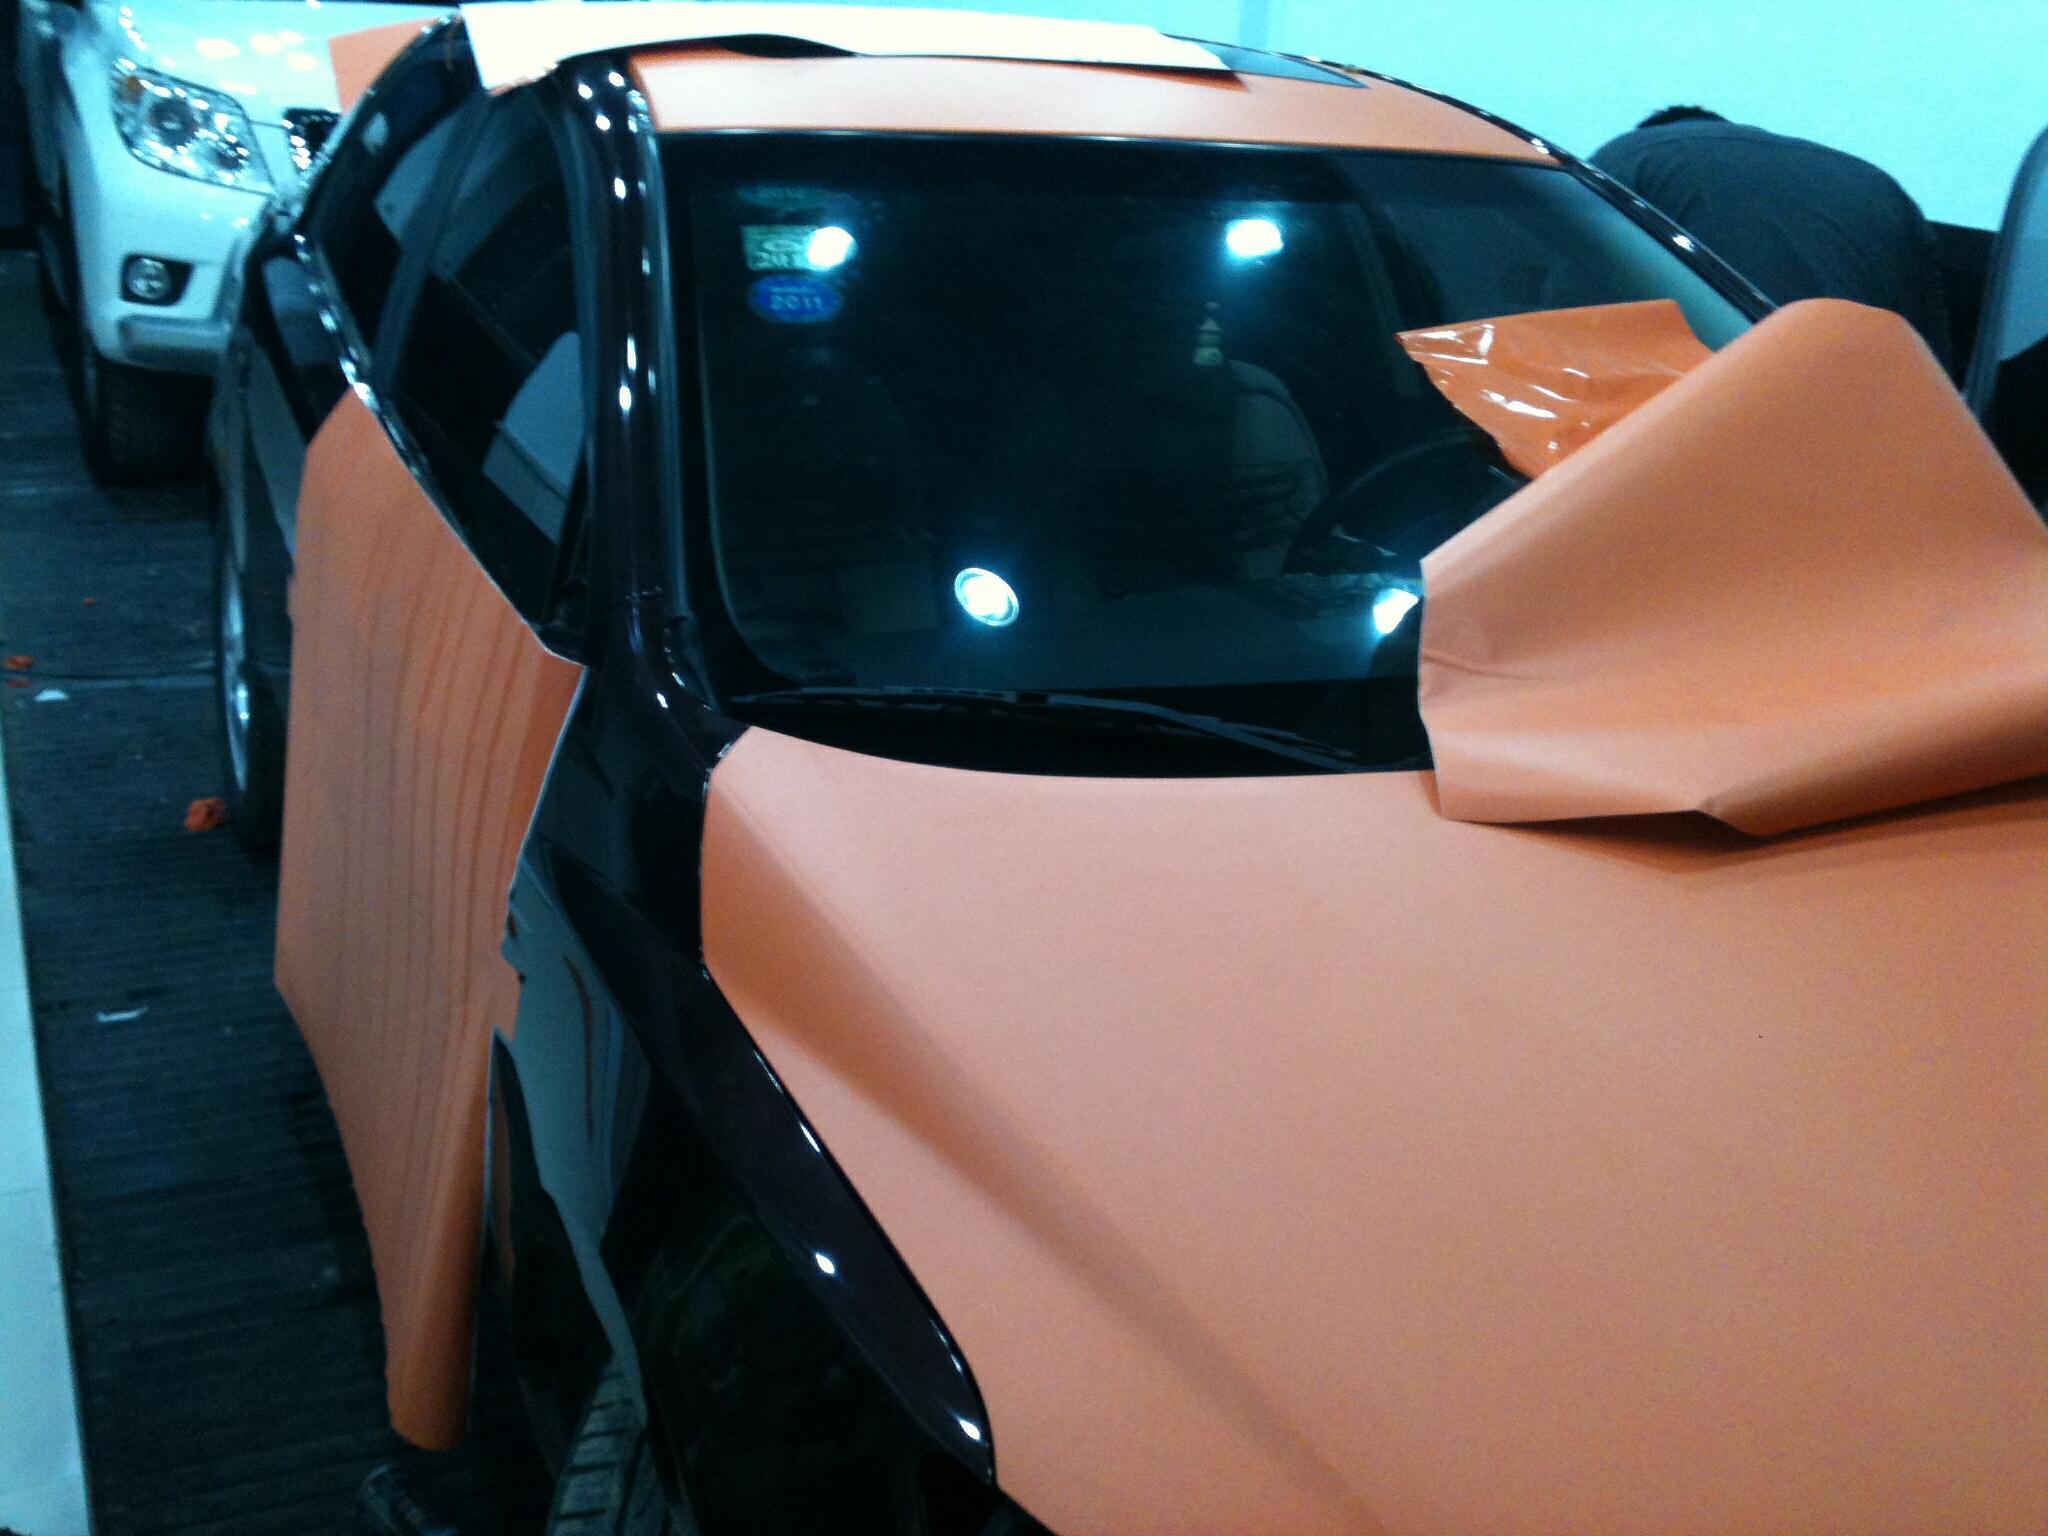 丽车坊酷车改色作品   深酒白色福瑞迪改磨砂橙+米奇车贴